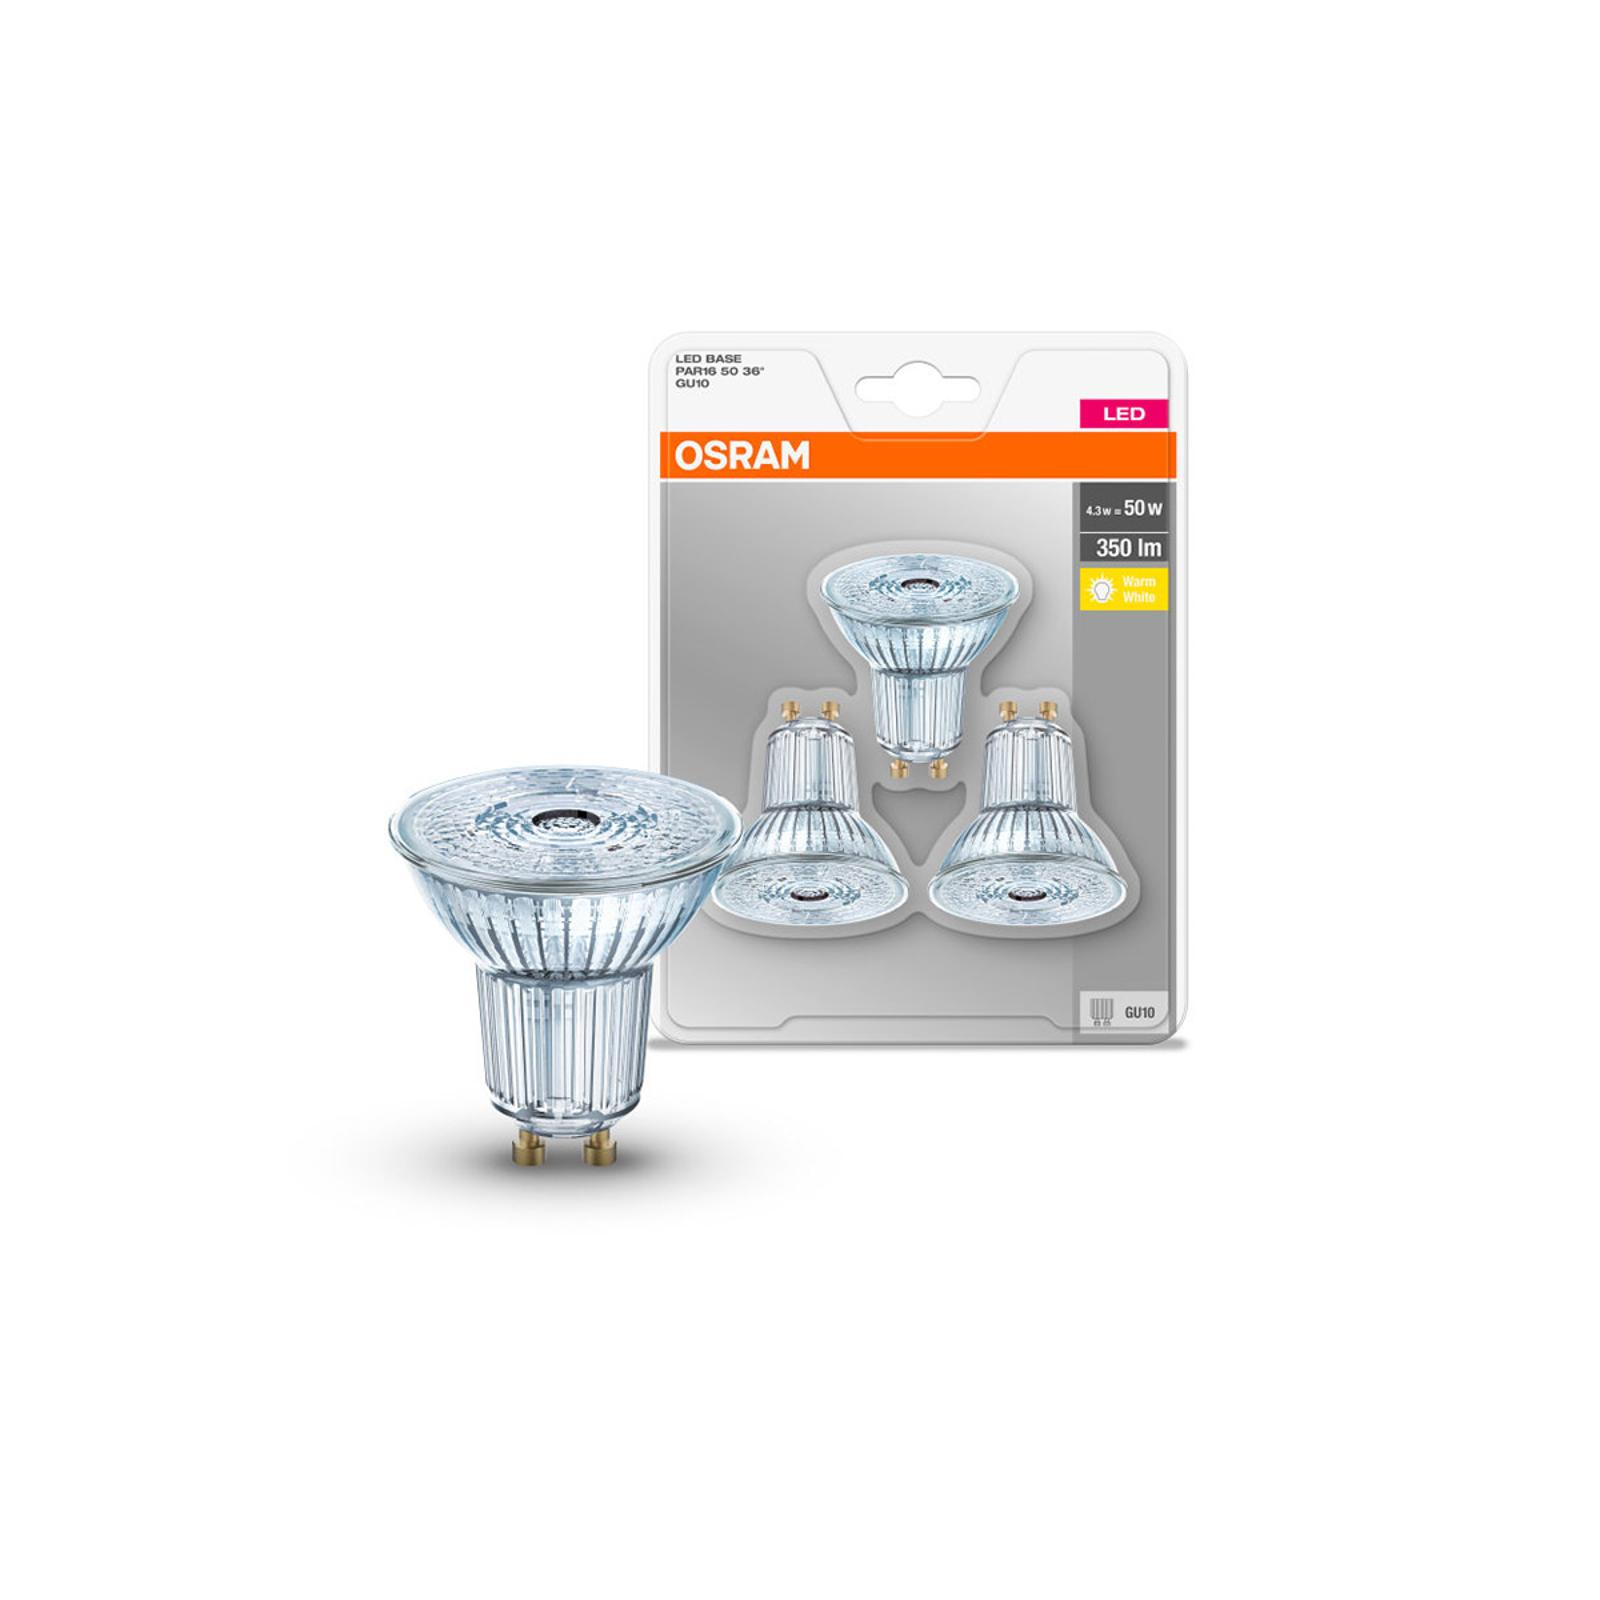 OSRAM LED-Reflektor GU10 4,3W 2.700K 350lm 36° 3er